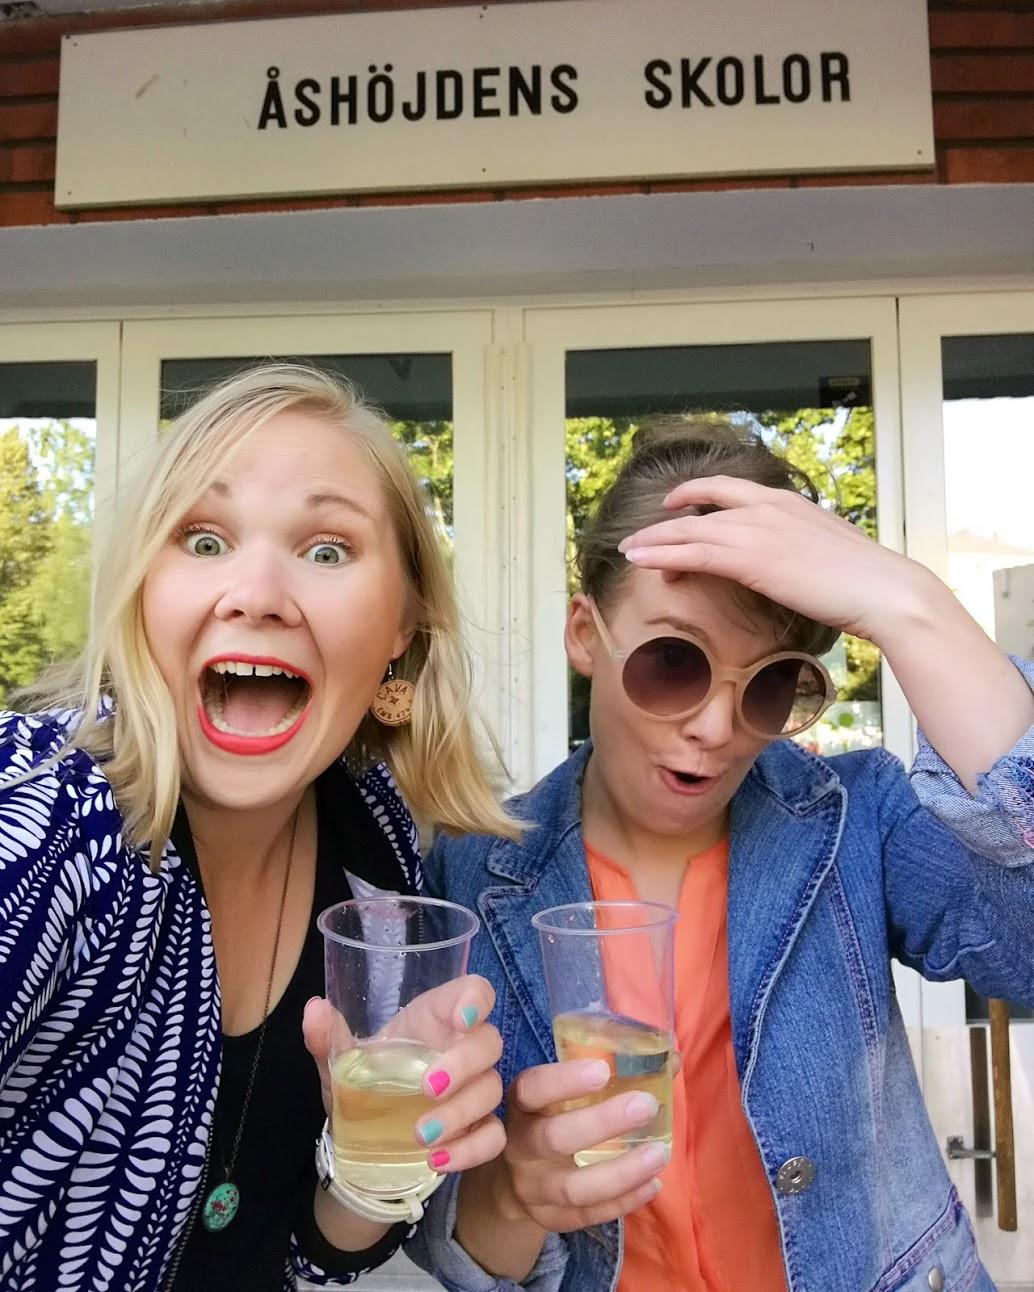 Vi tyckte det var sjukt roligt att dricka skumpa på högstadieskolgården, hehe!